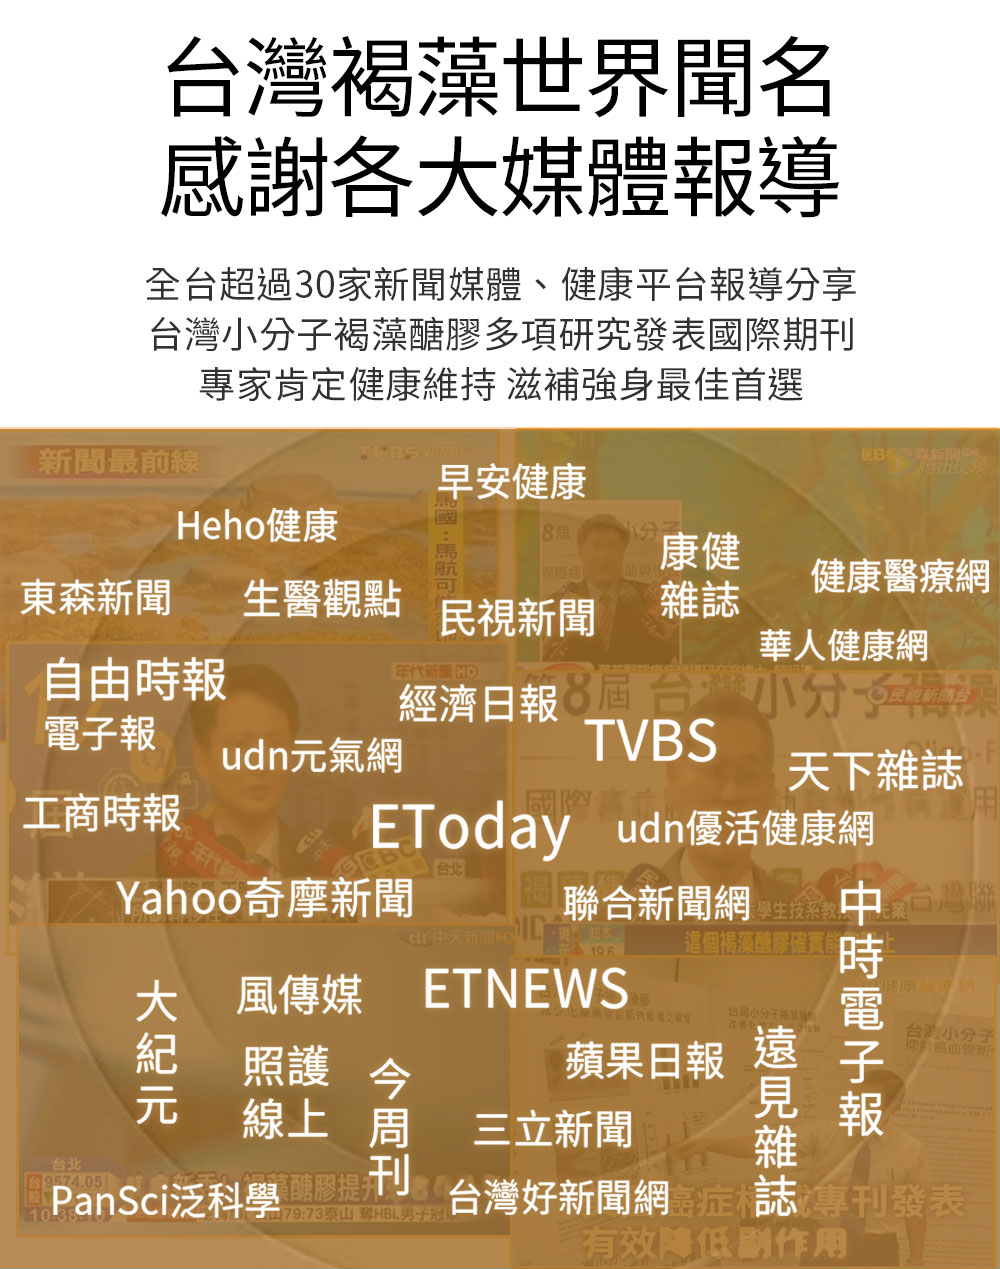 褐藻醣膠健康優先-台灣褐藻世界聞名新興保健食品褐藻醣膠感謝各大媒體報導